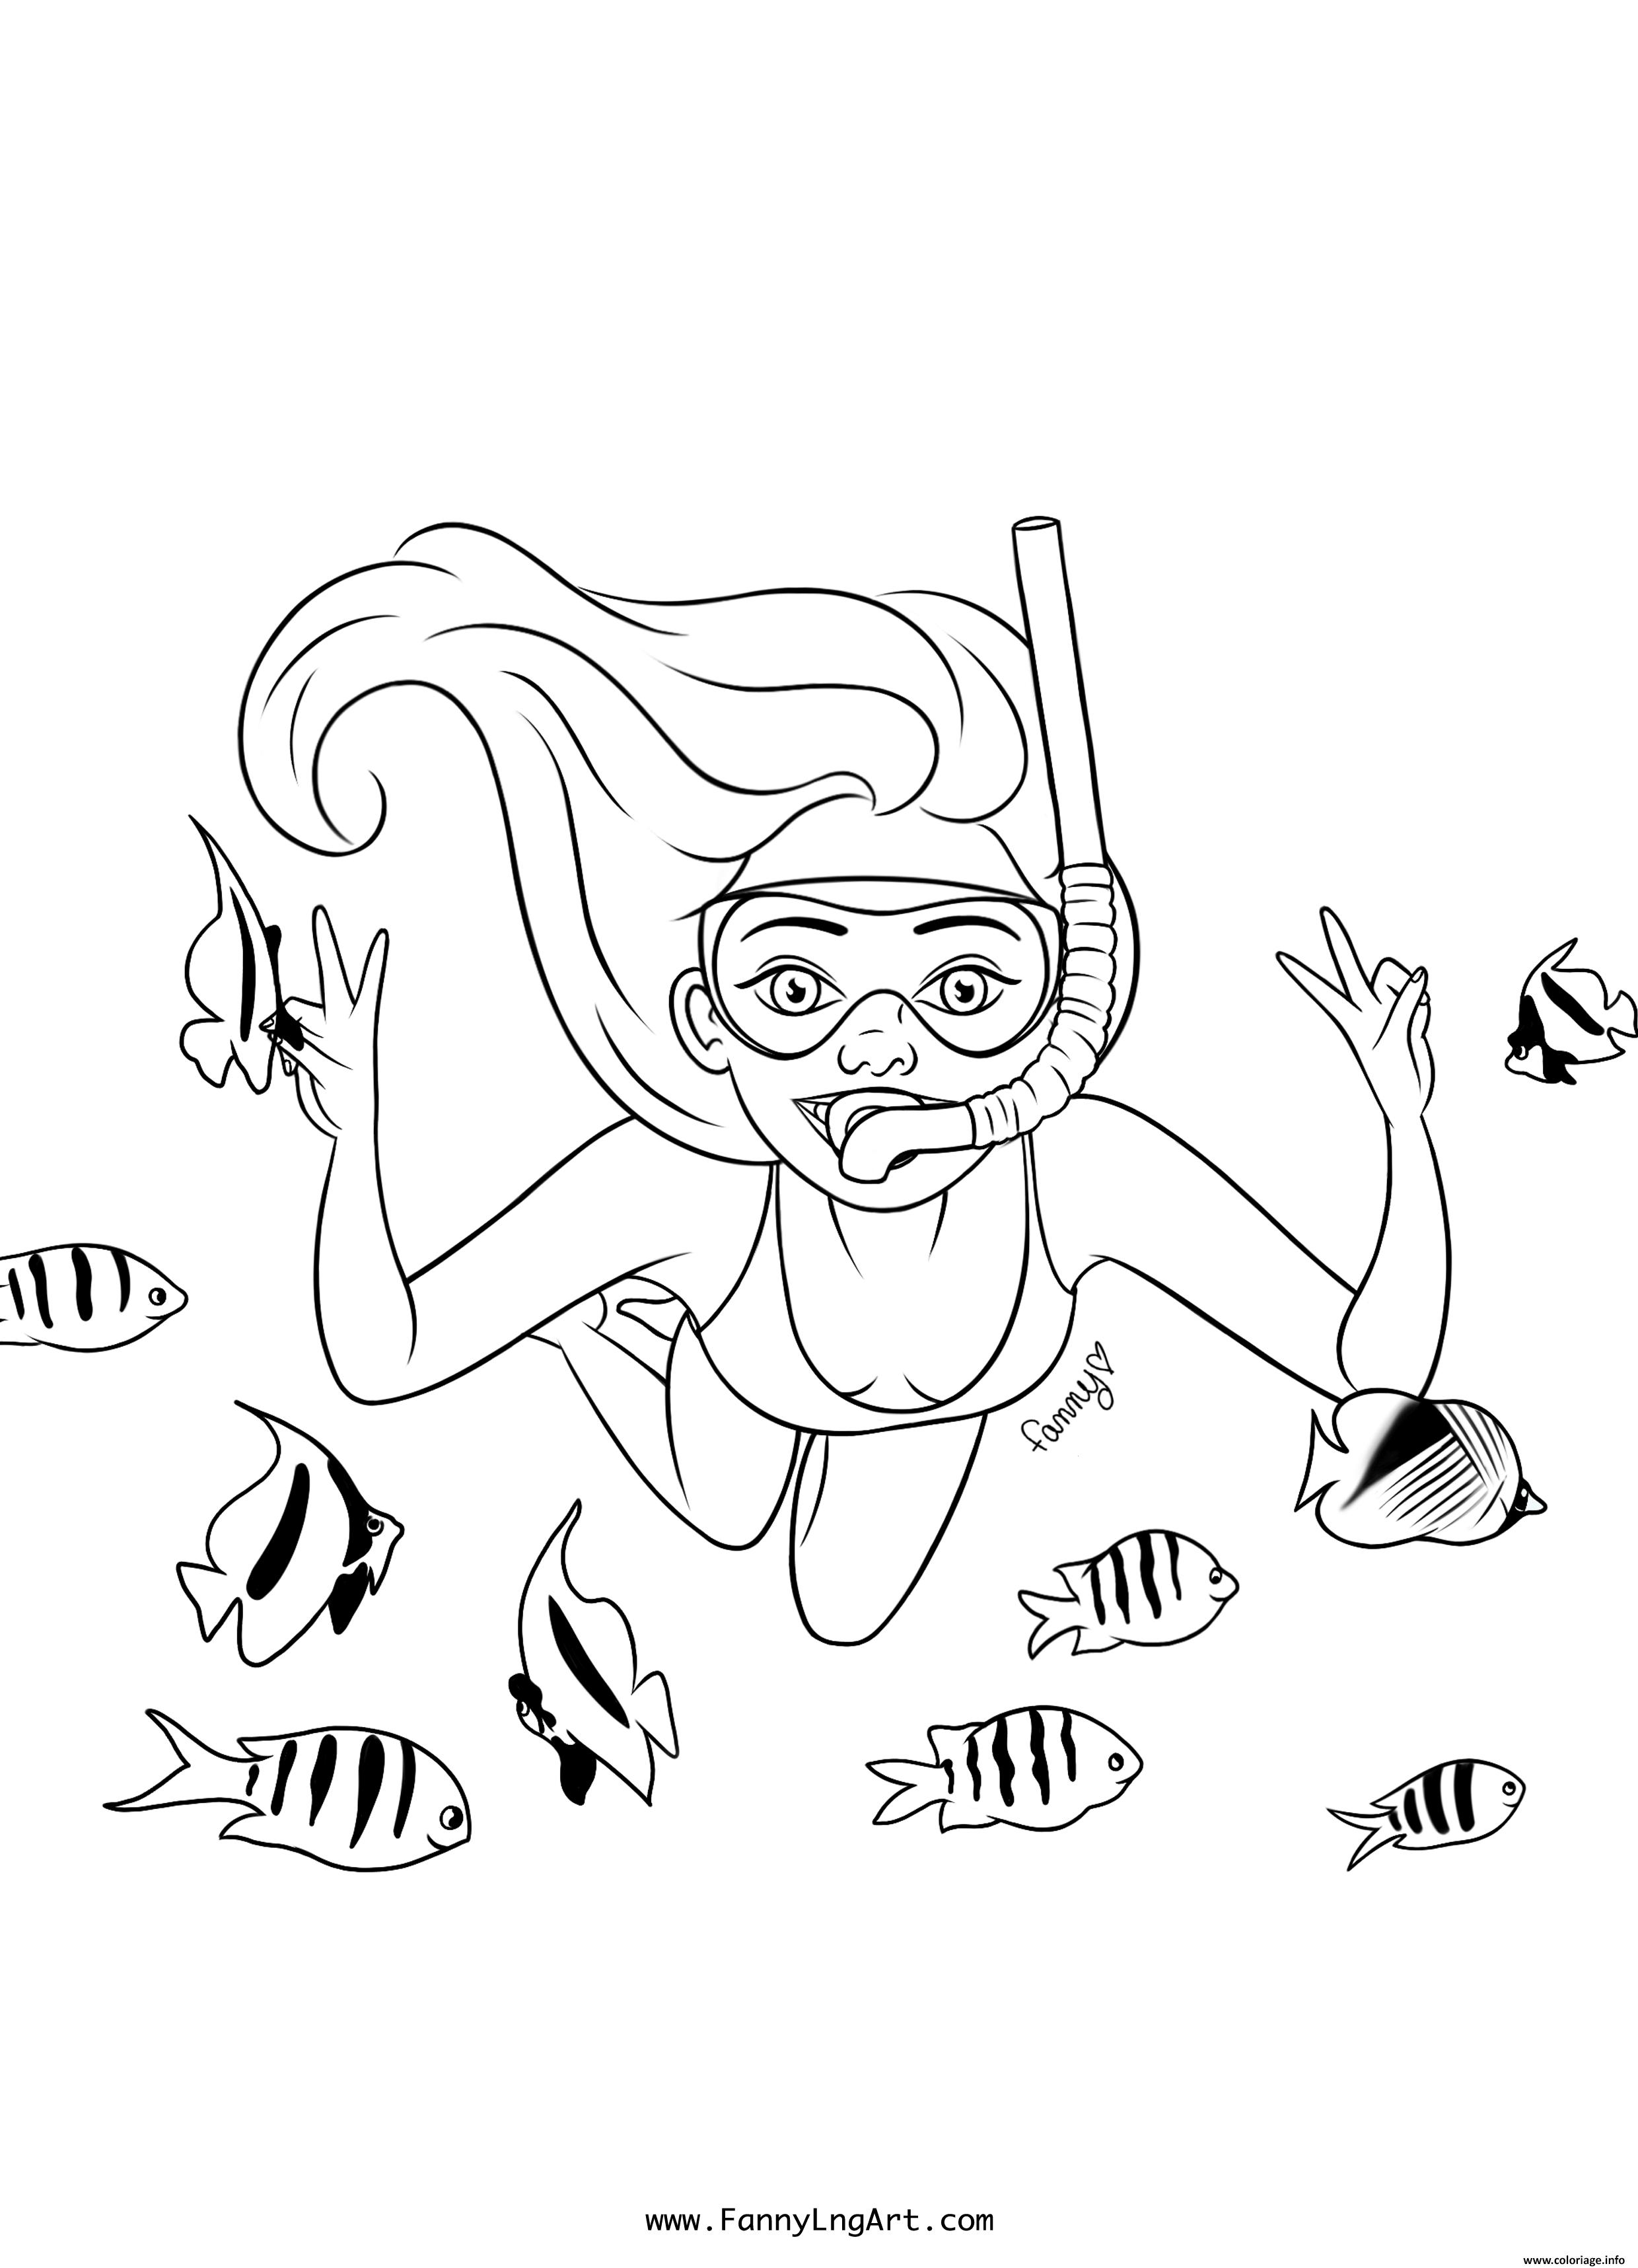 Dessin fille ado sous la mer avec les poissons Coloriage Gratuit à Imprimer